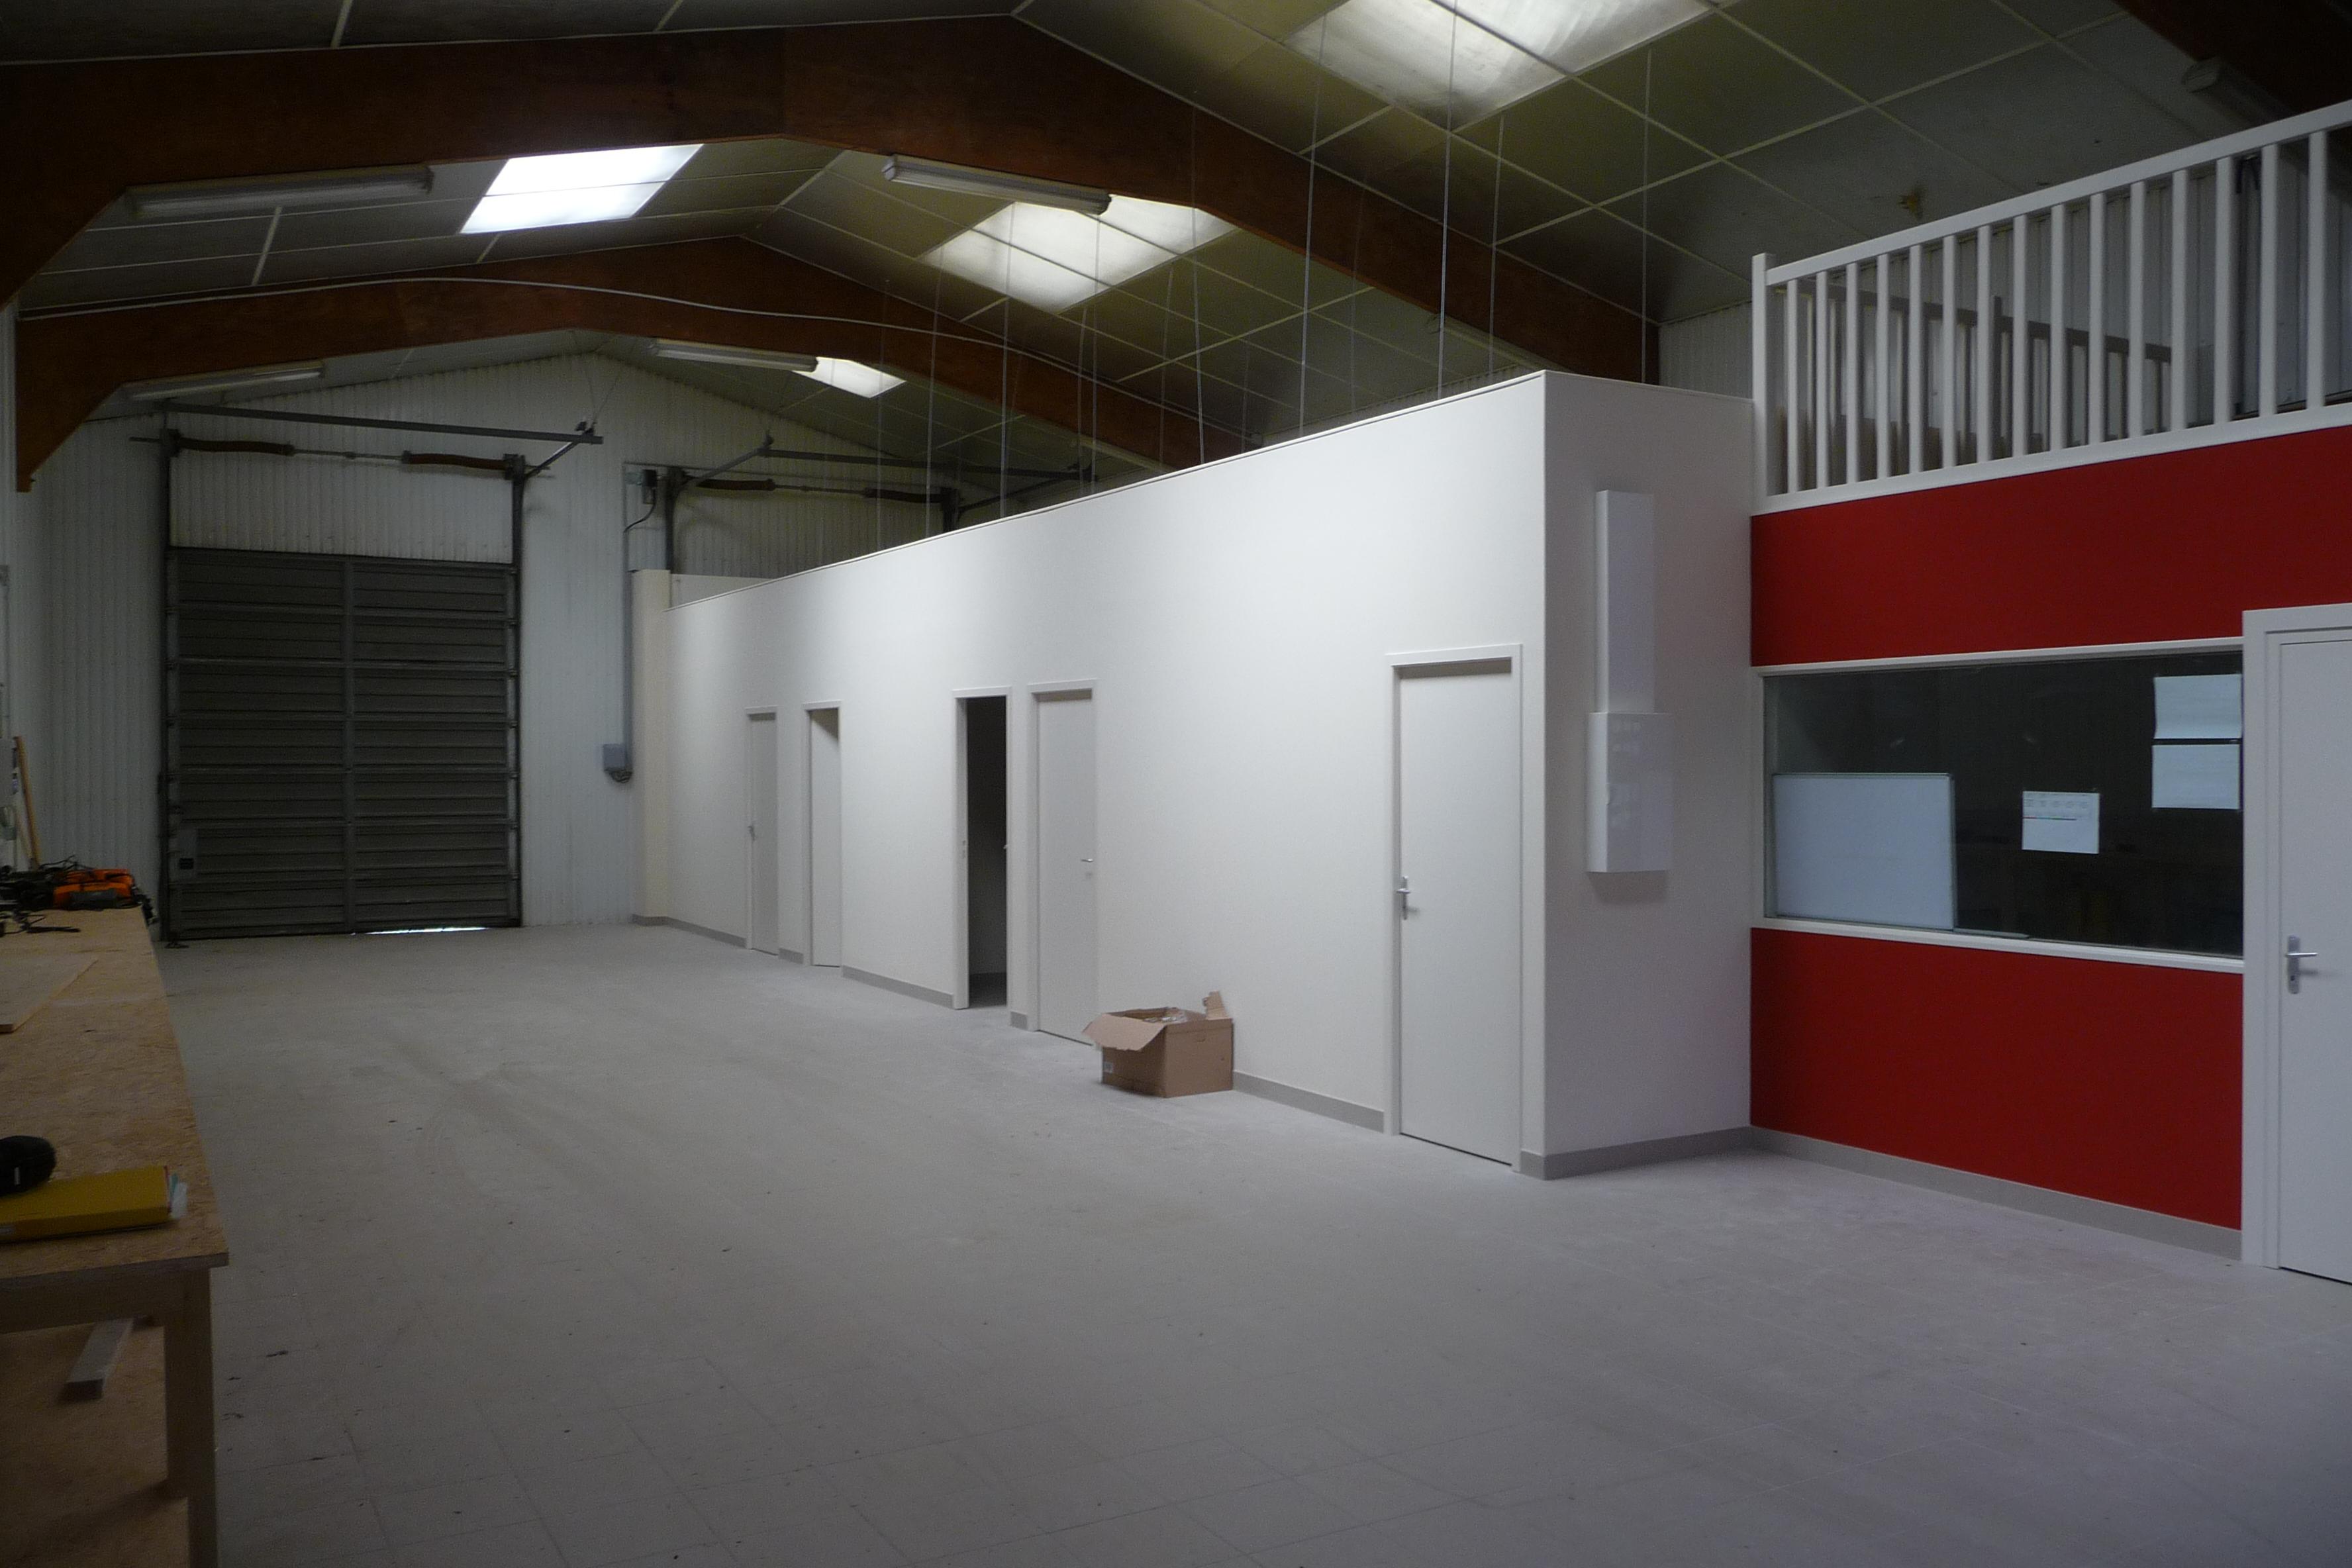 Aménagement intérieur, locaux pros19